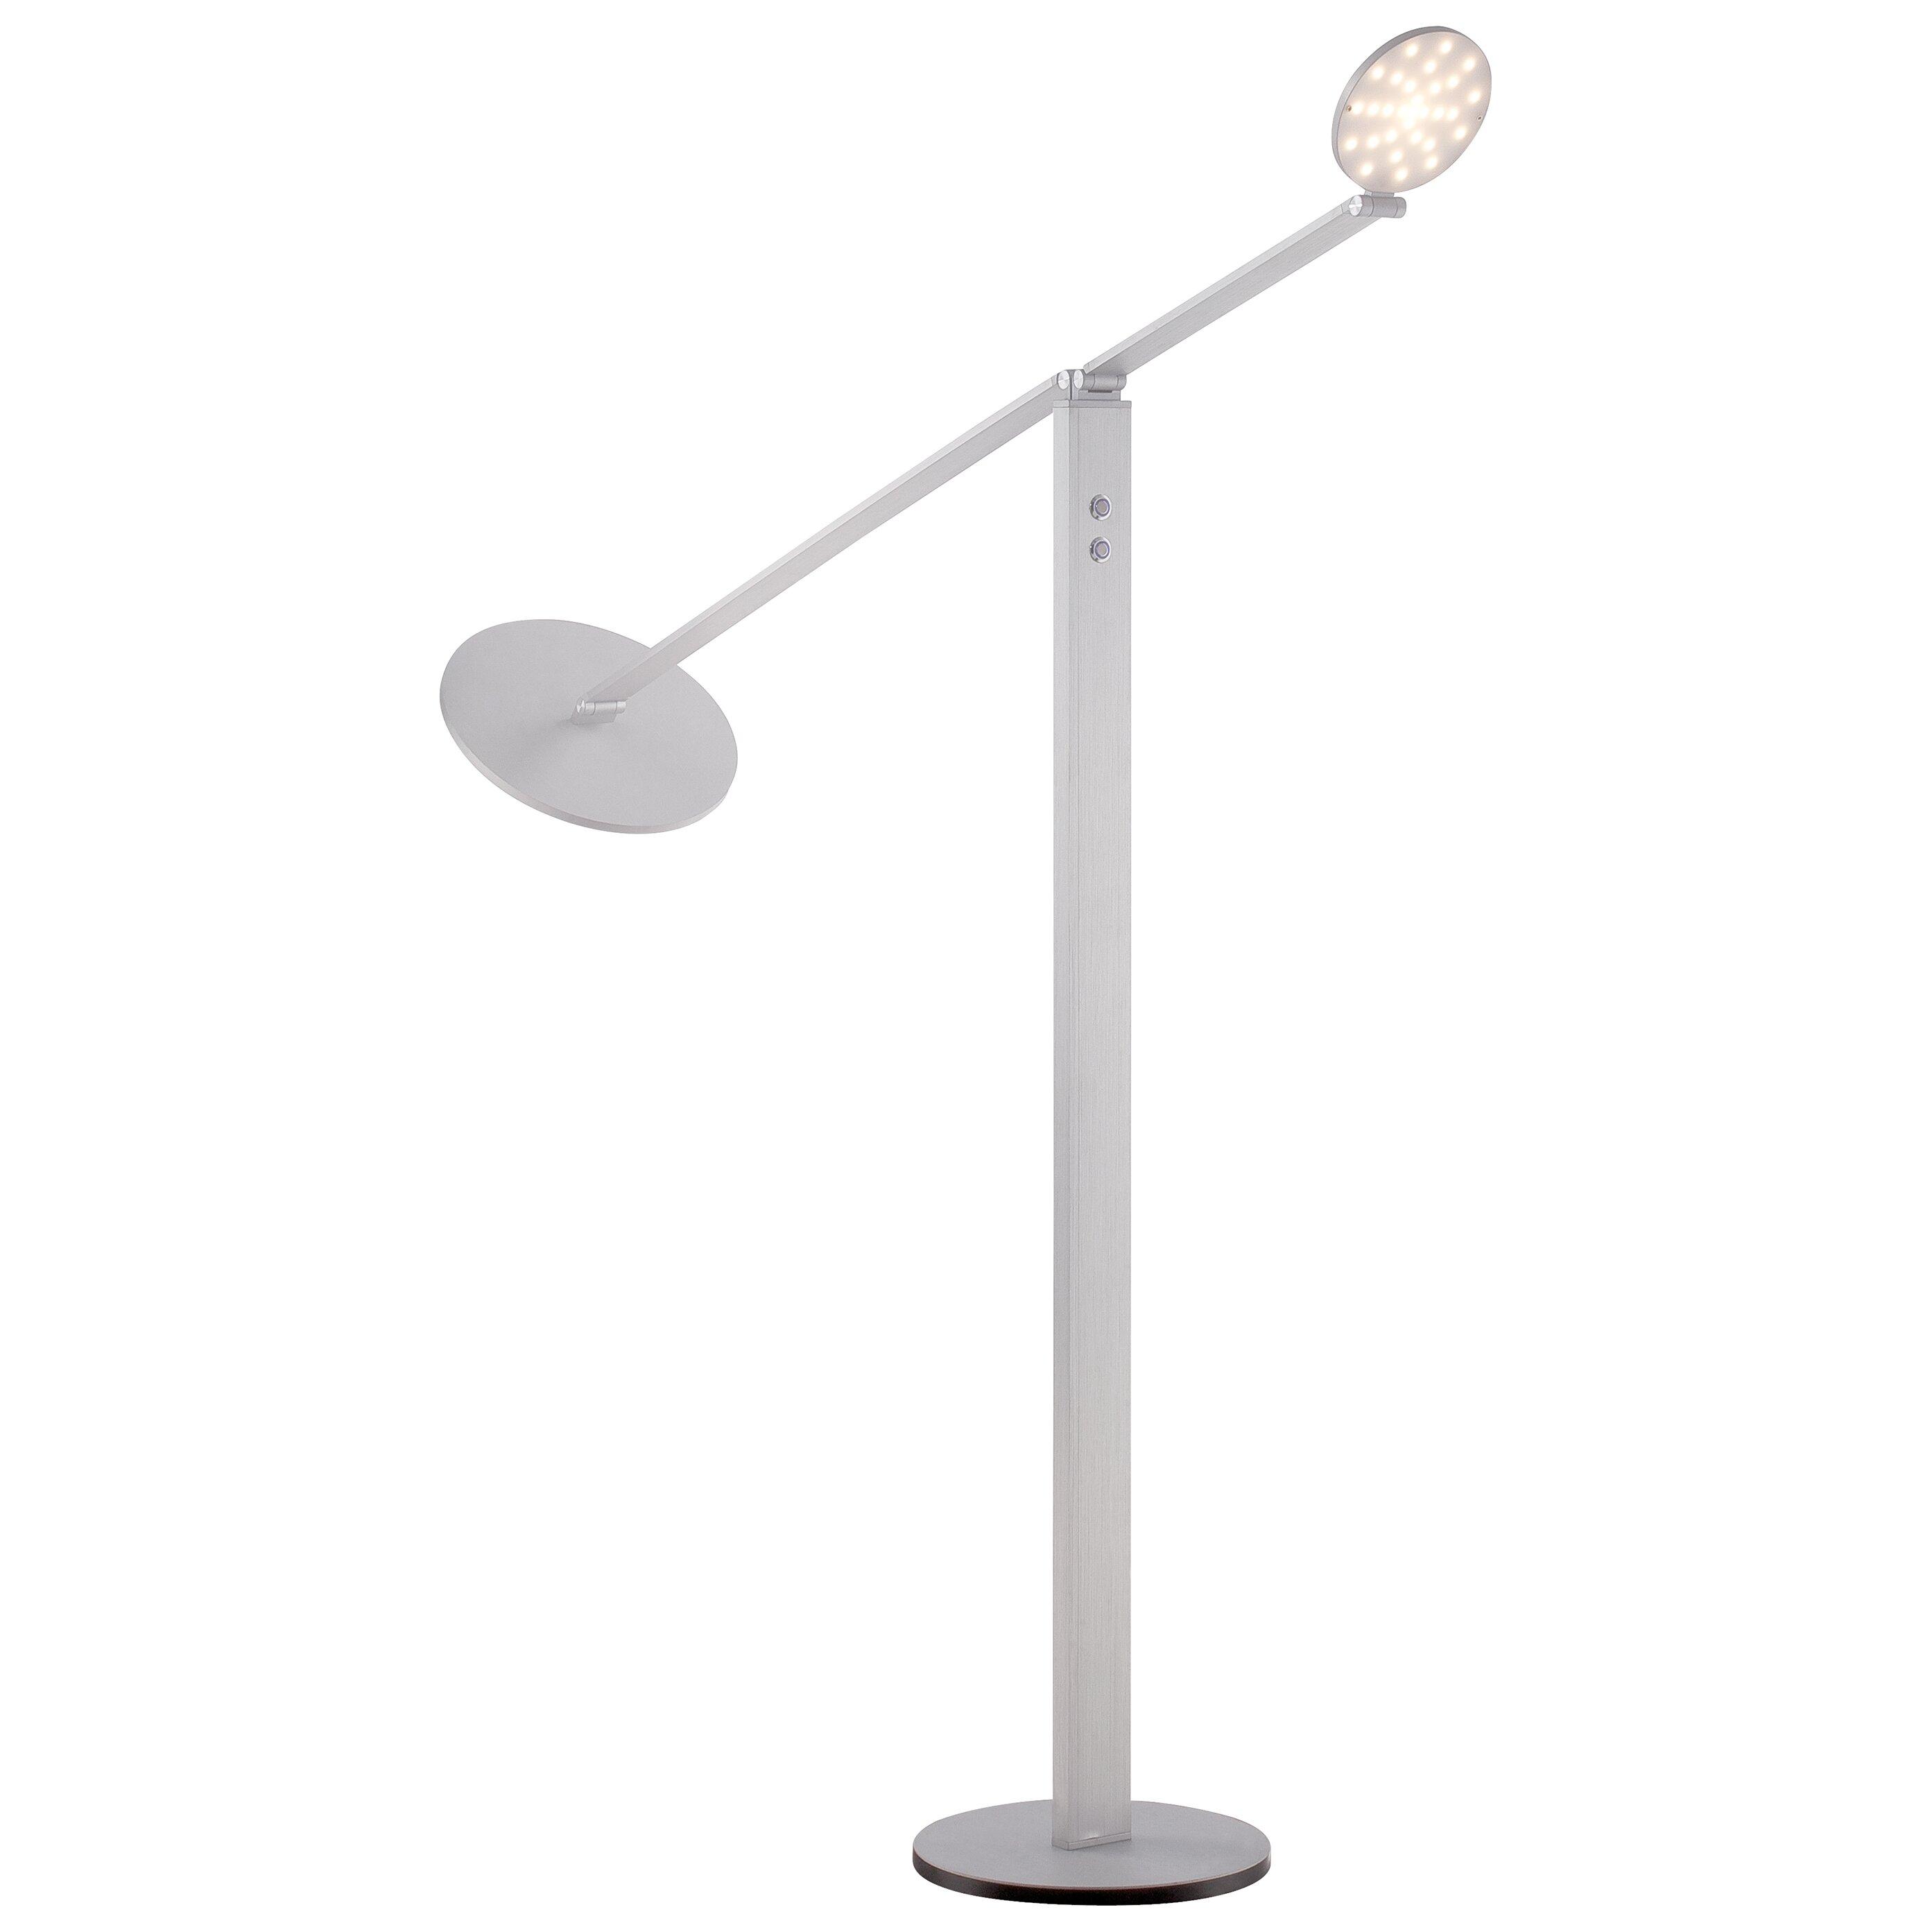 lighting lamps floor lamps george kovacs sku gkv2983. Black Bedroom Furniture Sets. Home Design Ideas